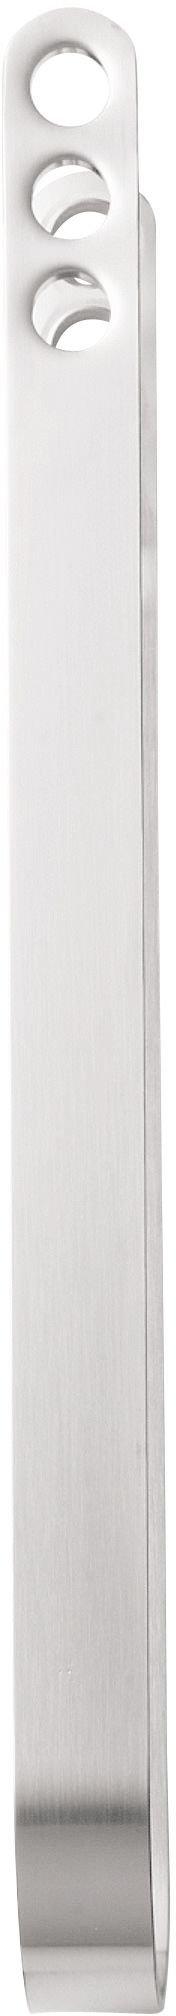 Stelton Arne Jacobsen Ice Tongs by Stelton